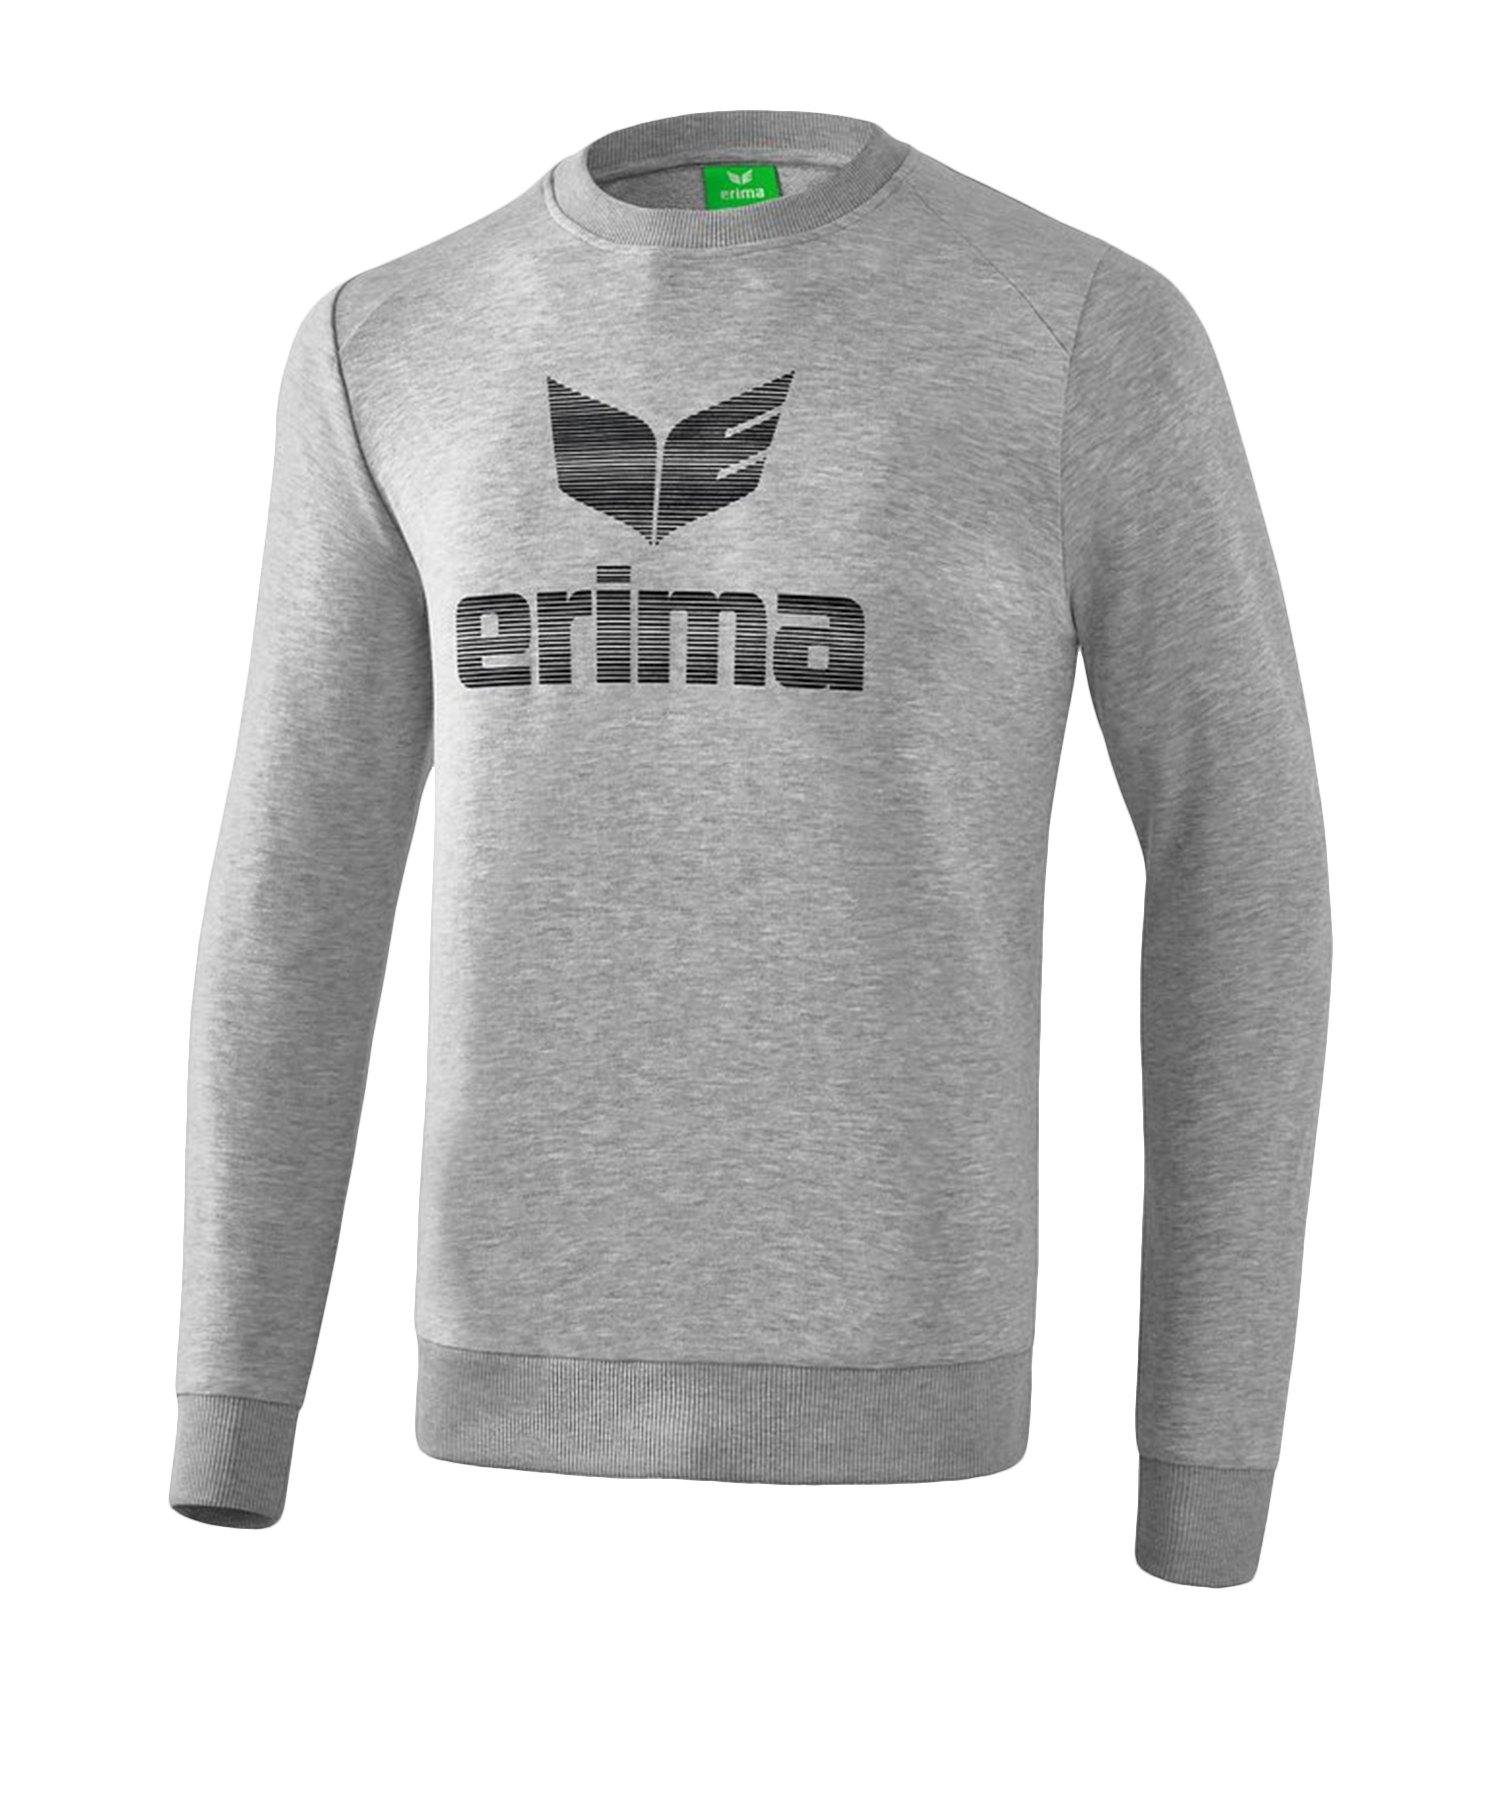 Erima Essential Sweatshirt Kids Grau Schwarz - Grau